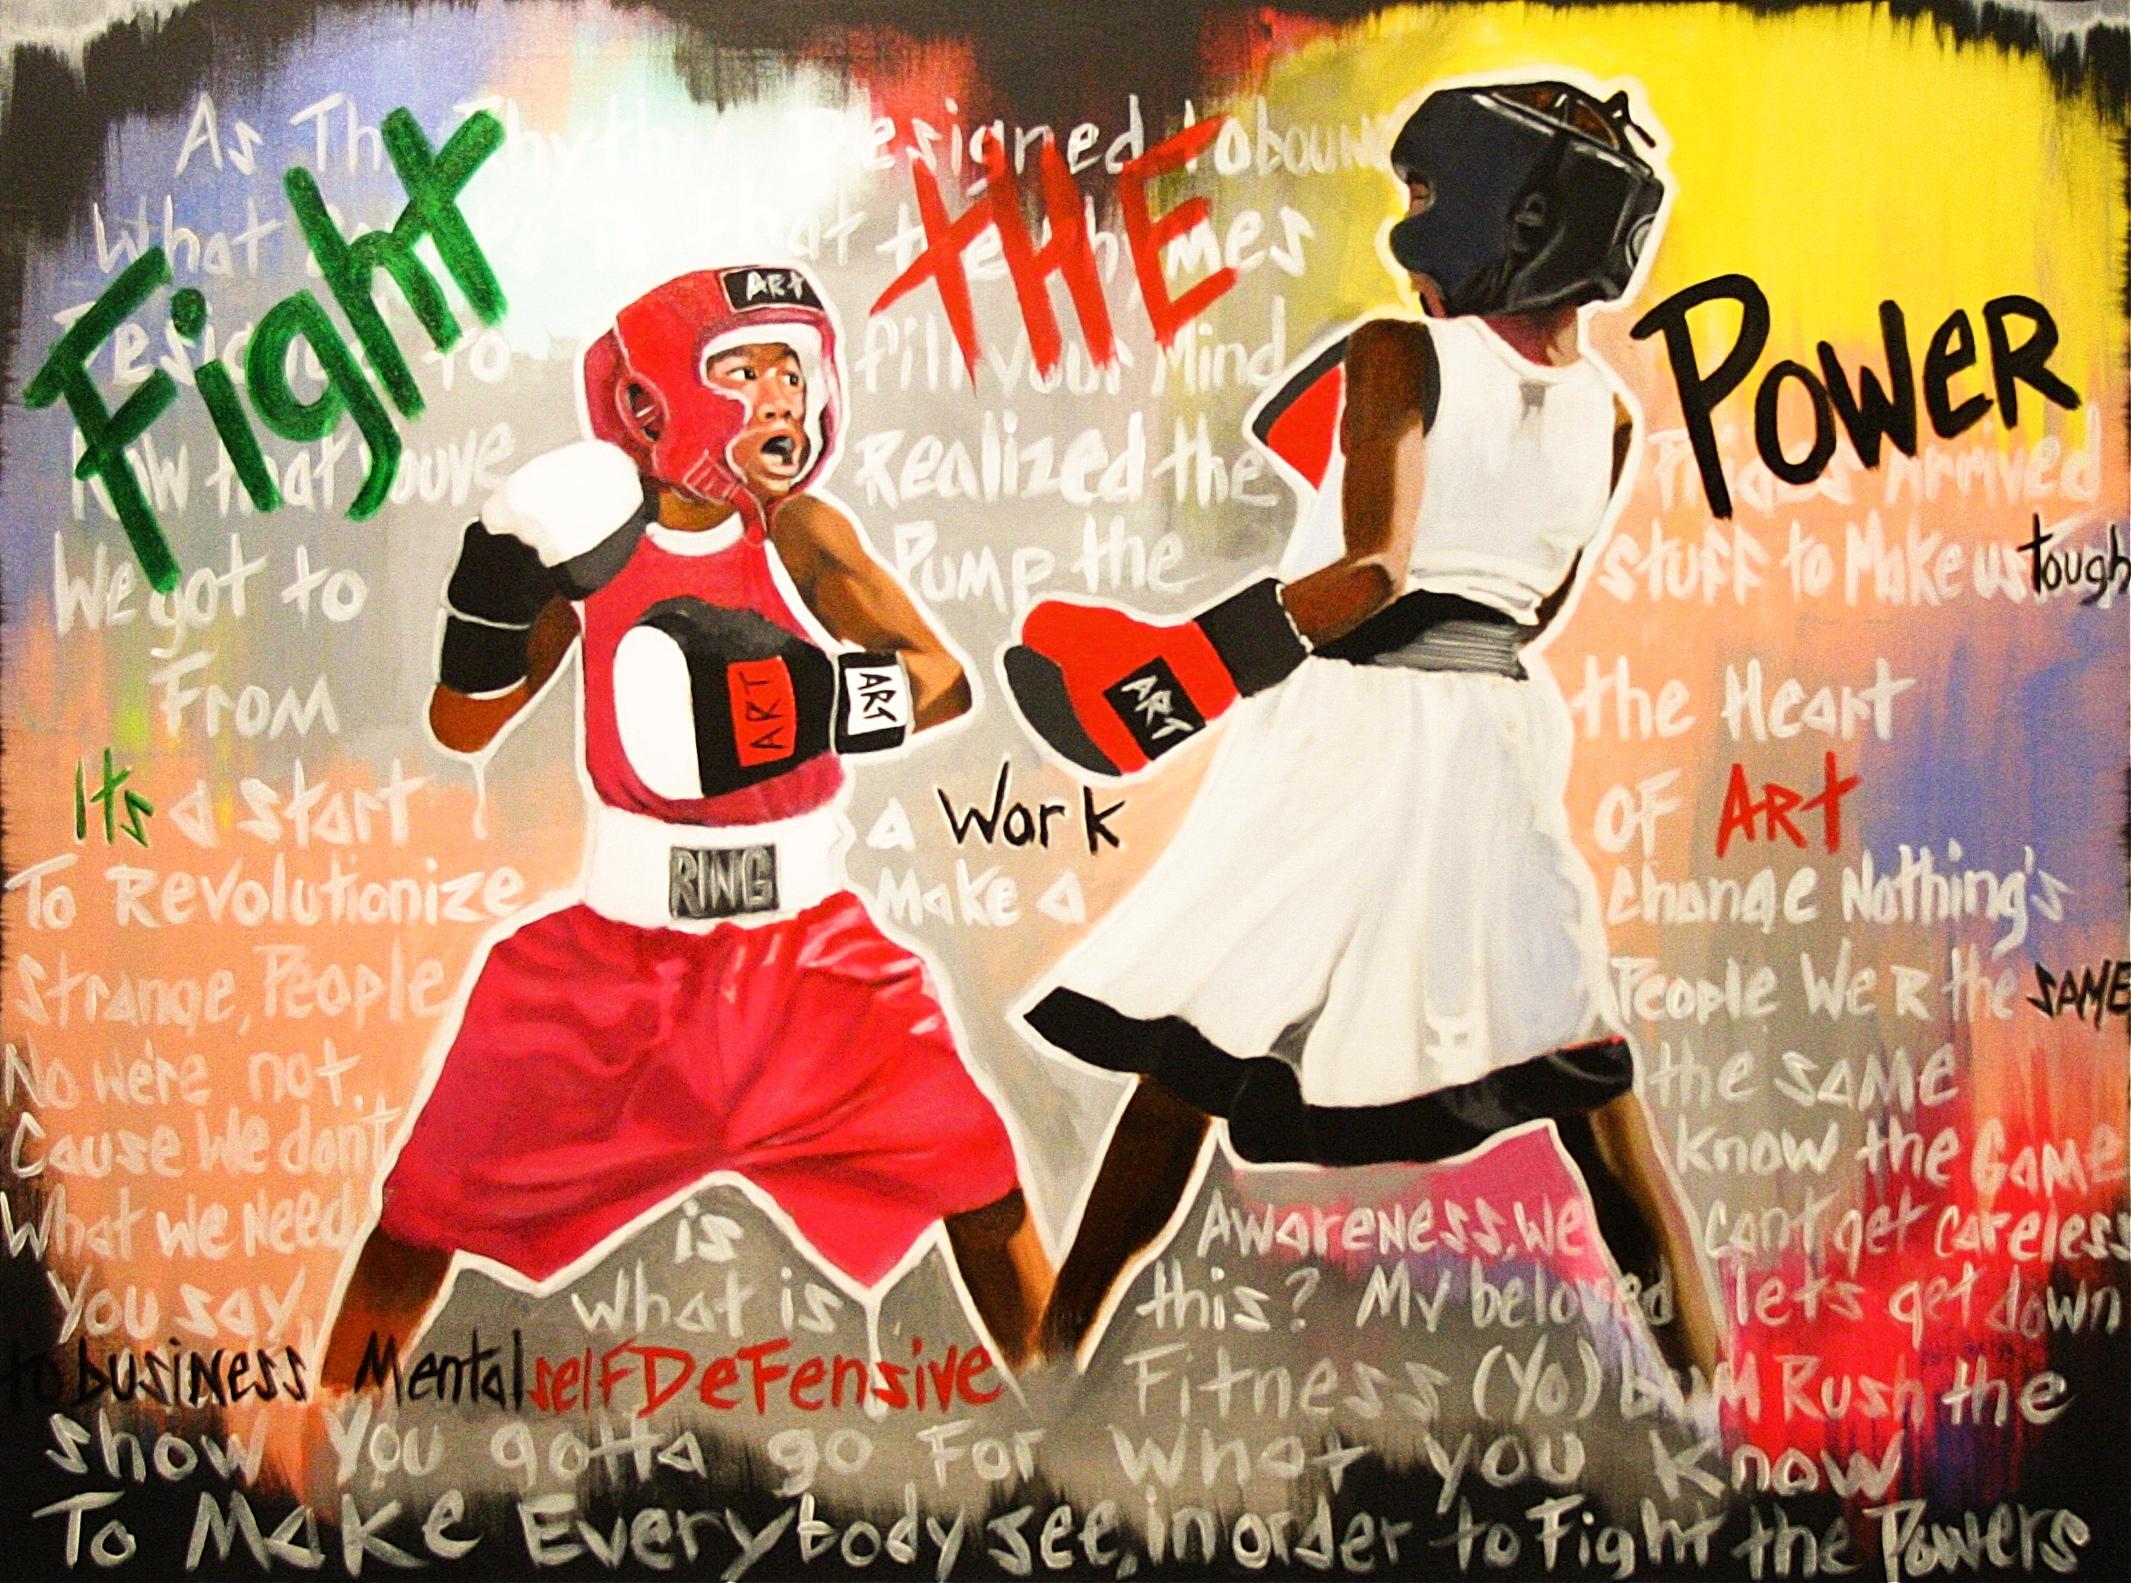 ASOOO WARDRETT FIGHT THE POWER.jpg